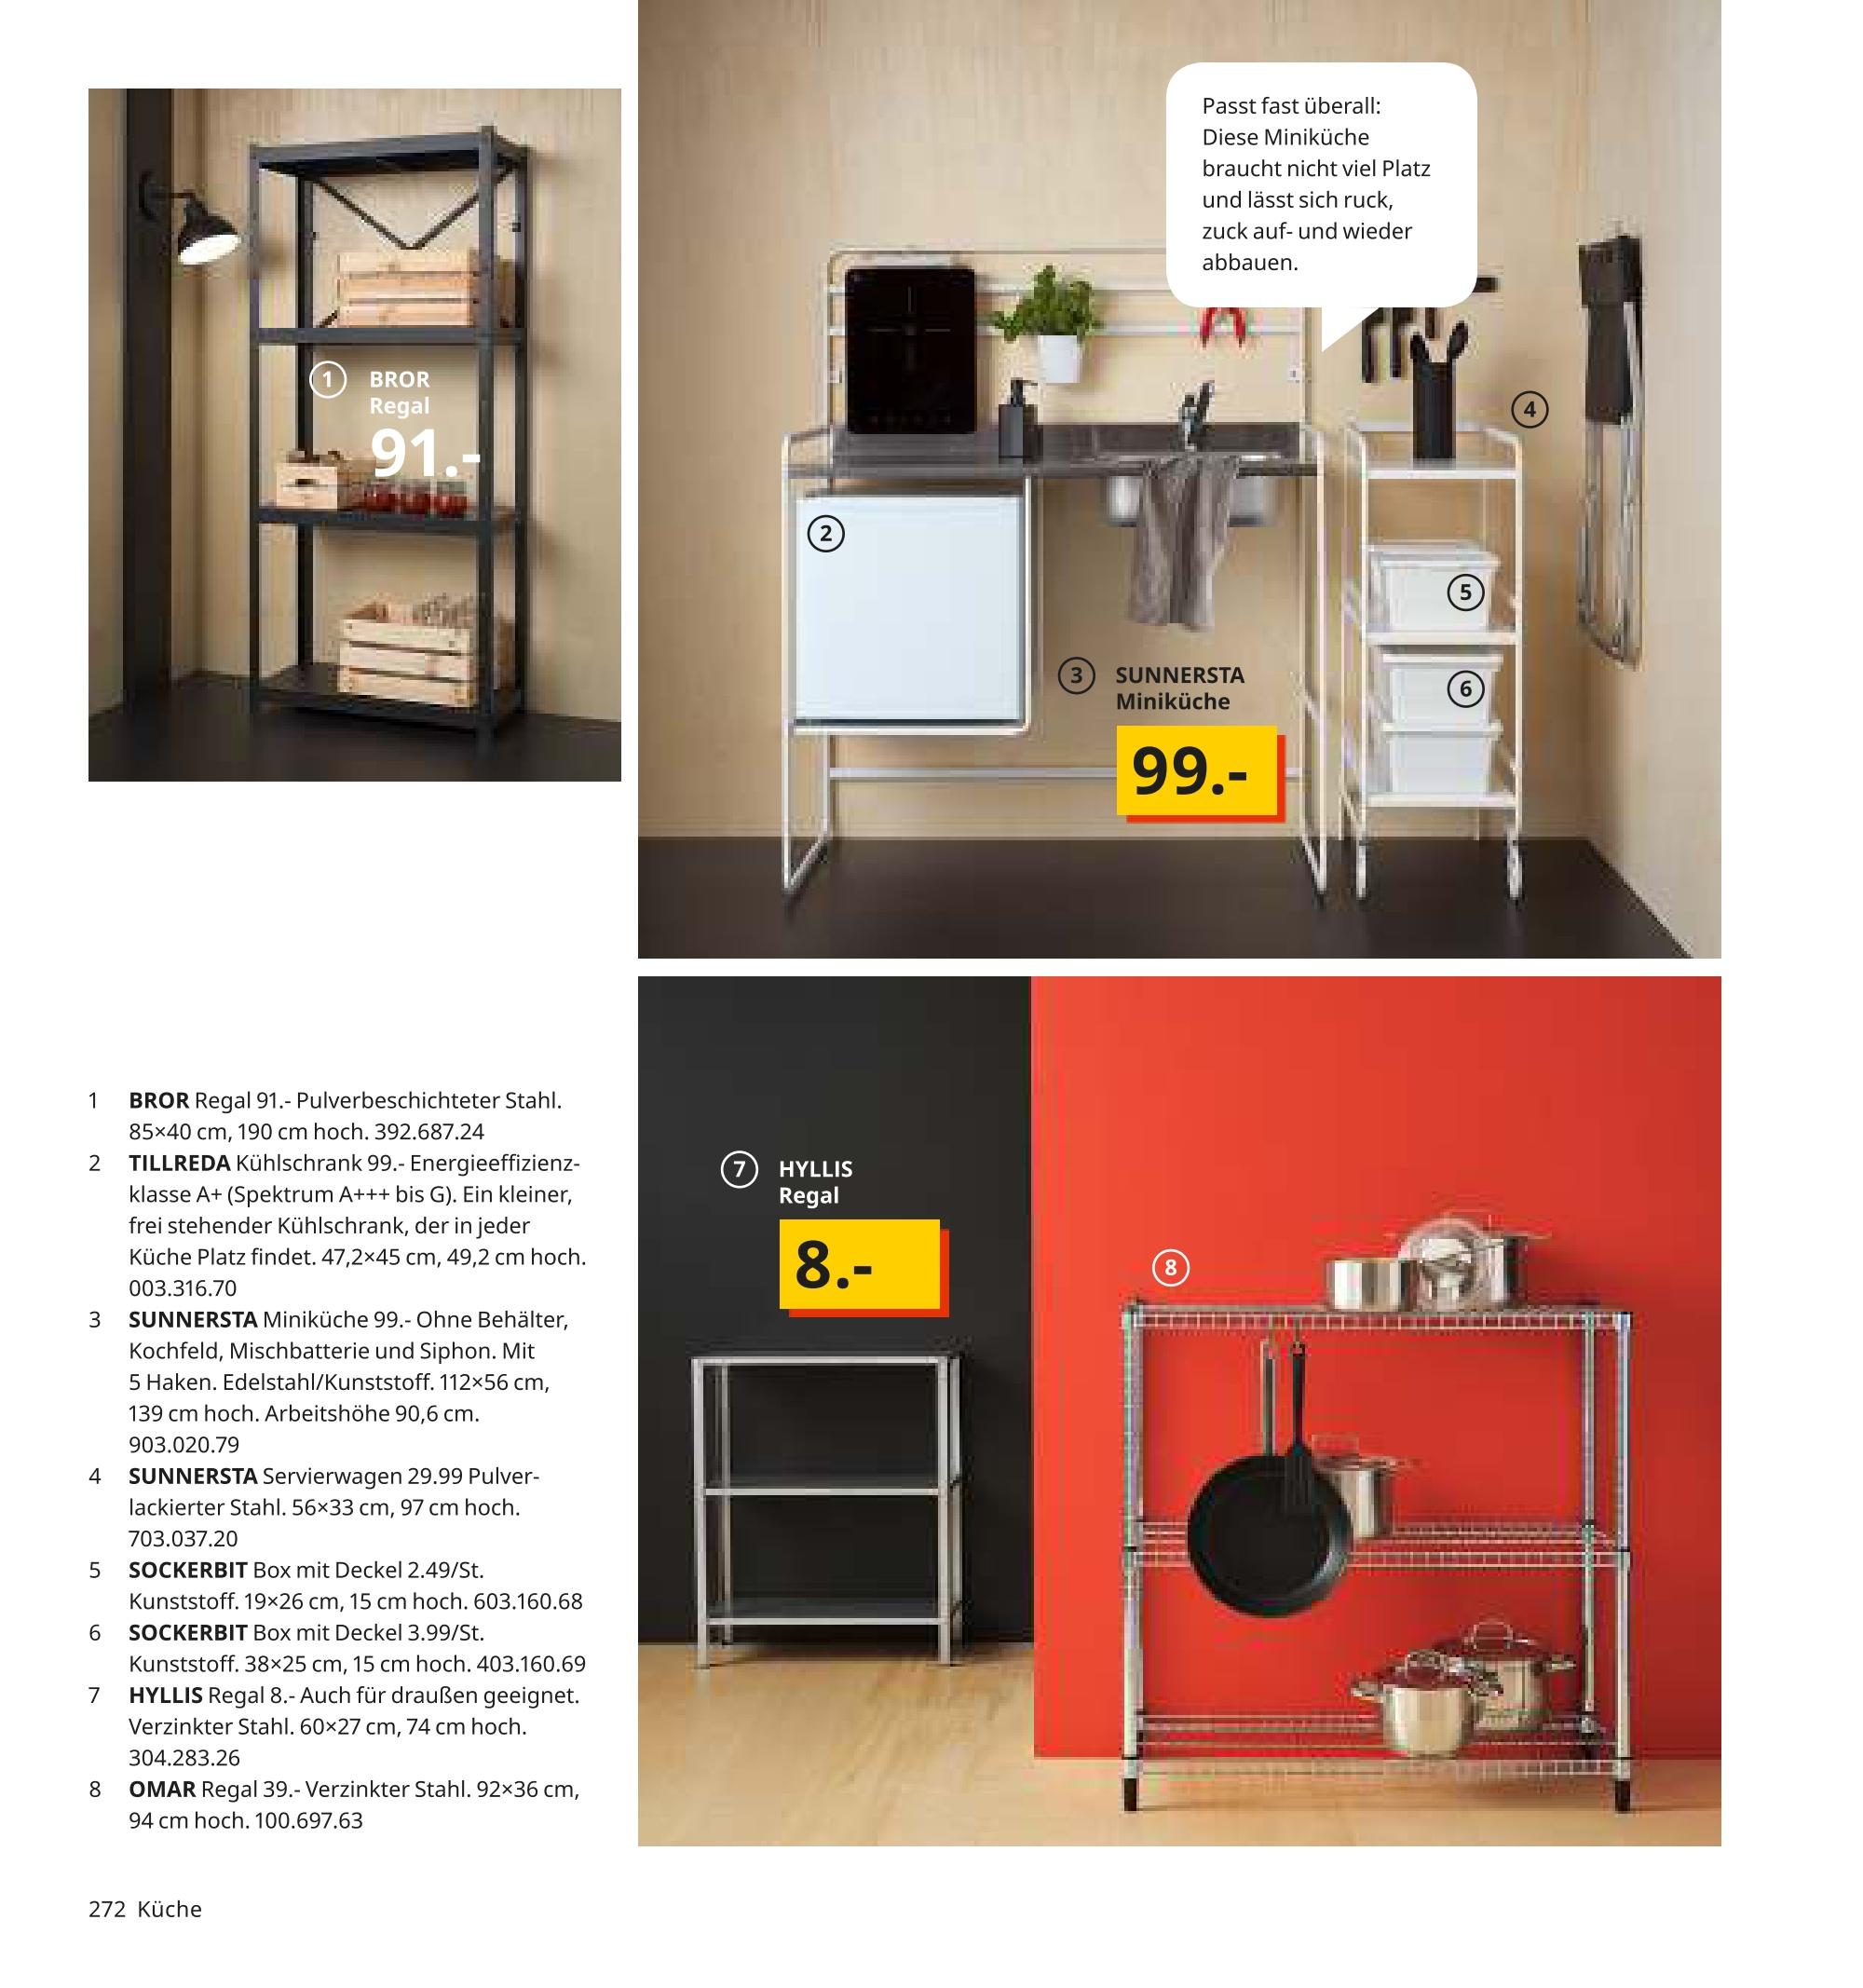 Full Size of Sunnersta Minikche Im Angebot Bei Ikea Kupinode Miniküche Mit Kühlschrank Roller Regale Stengel Wohnzimmer Roller Miniküche